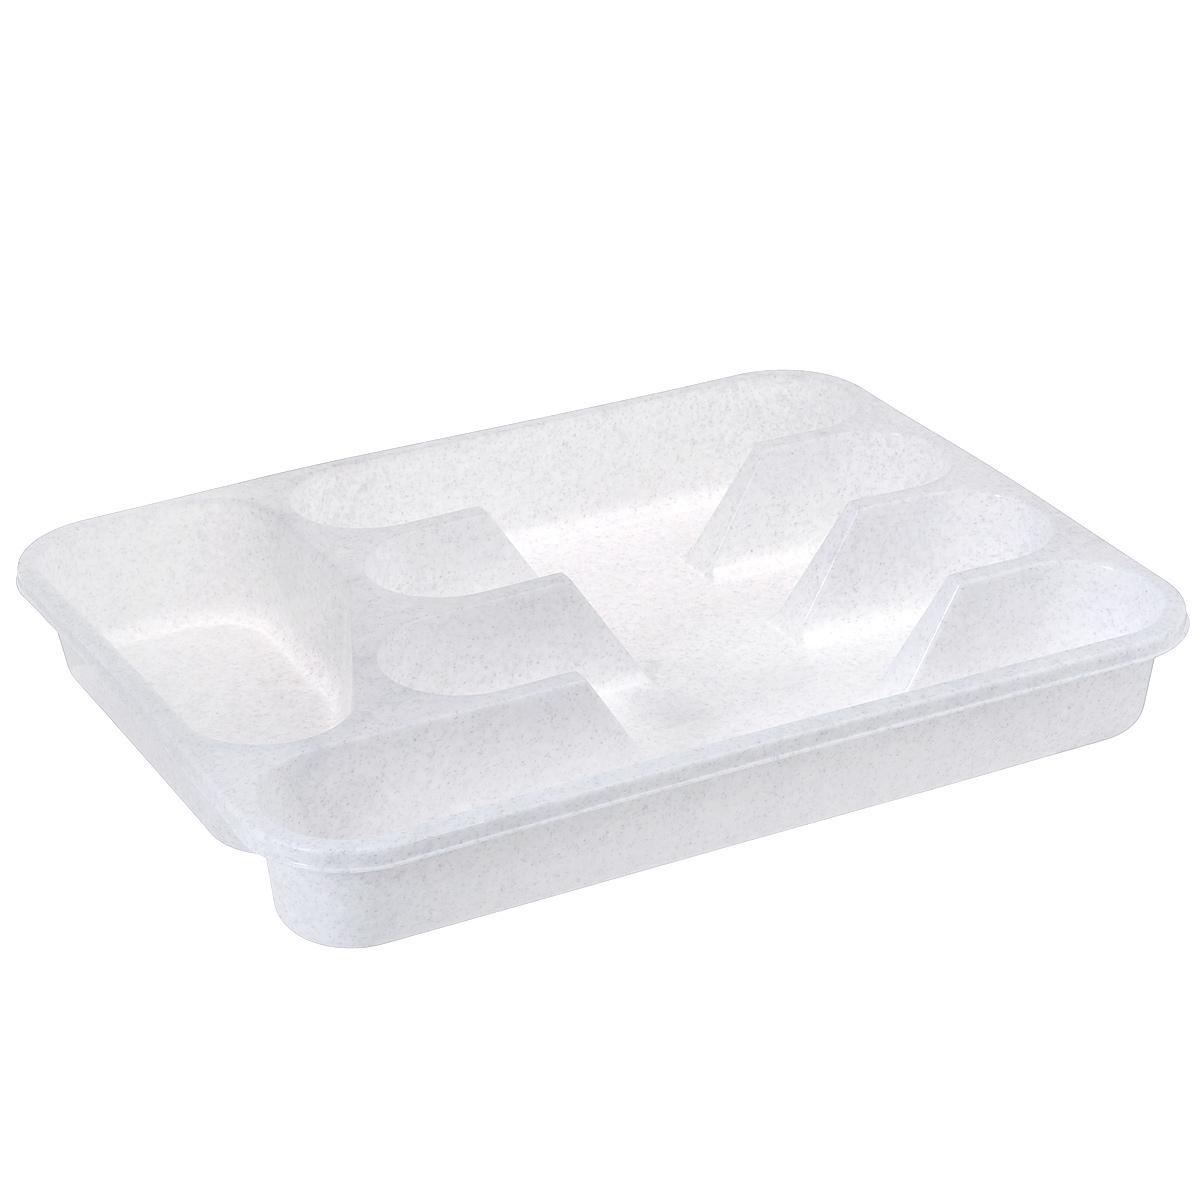 Лоток для столовых приборов Idea, цвет: мраморный, 33 х 26 смFD-59Лоток для столовых приборов Idea изготовлен из прочного пластика. Изделие имеет 3 одинаковых секции для столовых ложек, вилок и ножей, секцию для чайных ложек и длинную секцию для различных кухонных принадлежностей. Лоток помещается в любой кухонный ящик.